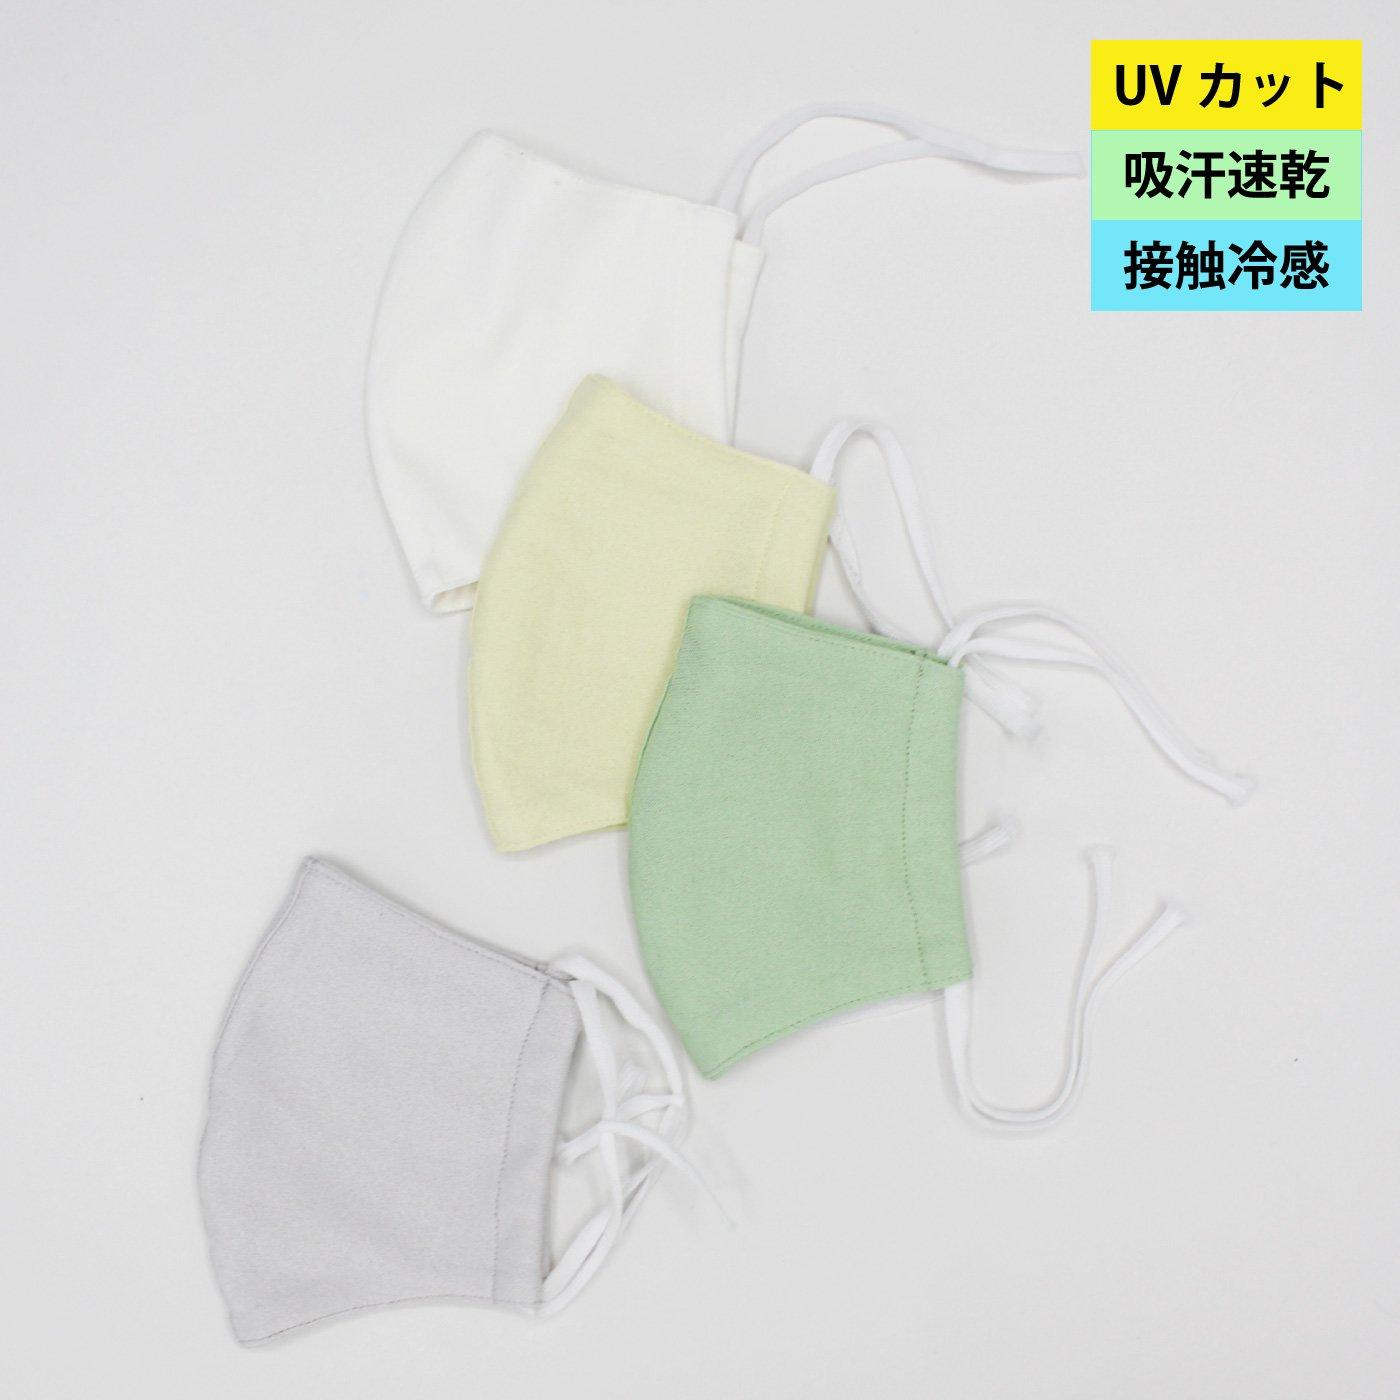 【3~10日でお届け】【WEB限定】IEDIT[イディット] UVケア&吸汗速乾と接触冷感で快適な 和紙ブレンド素材で仕上げた国産の布マスク